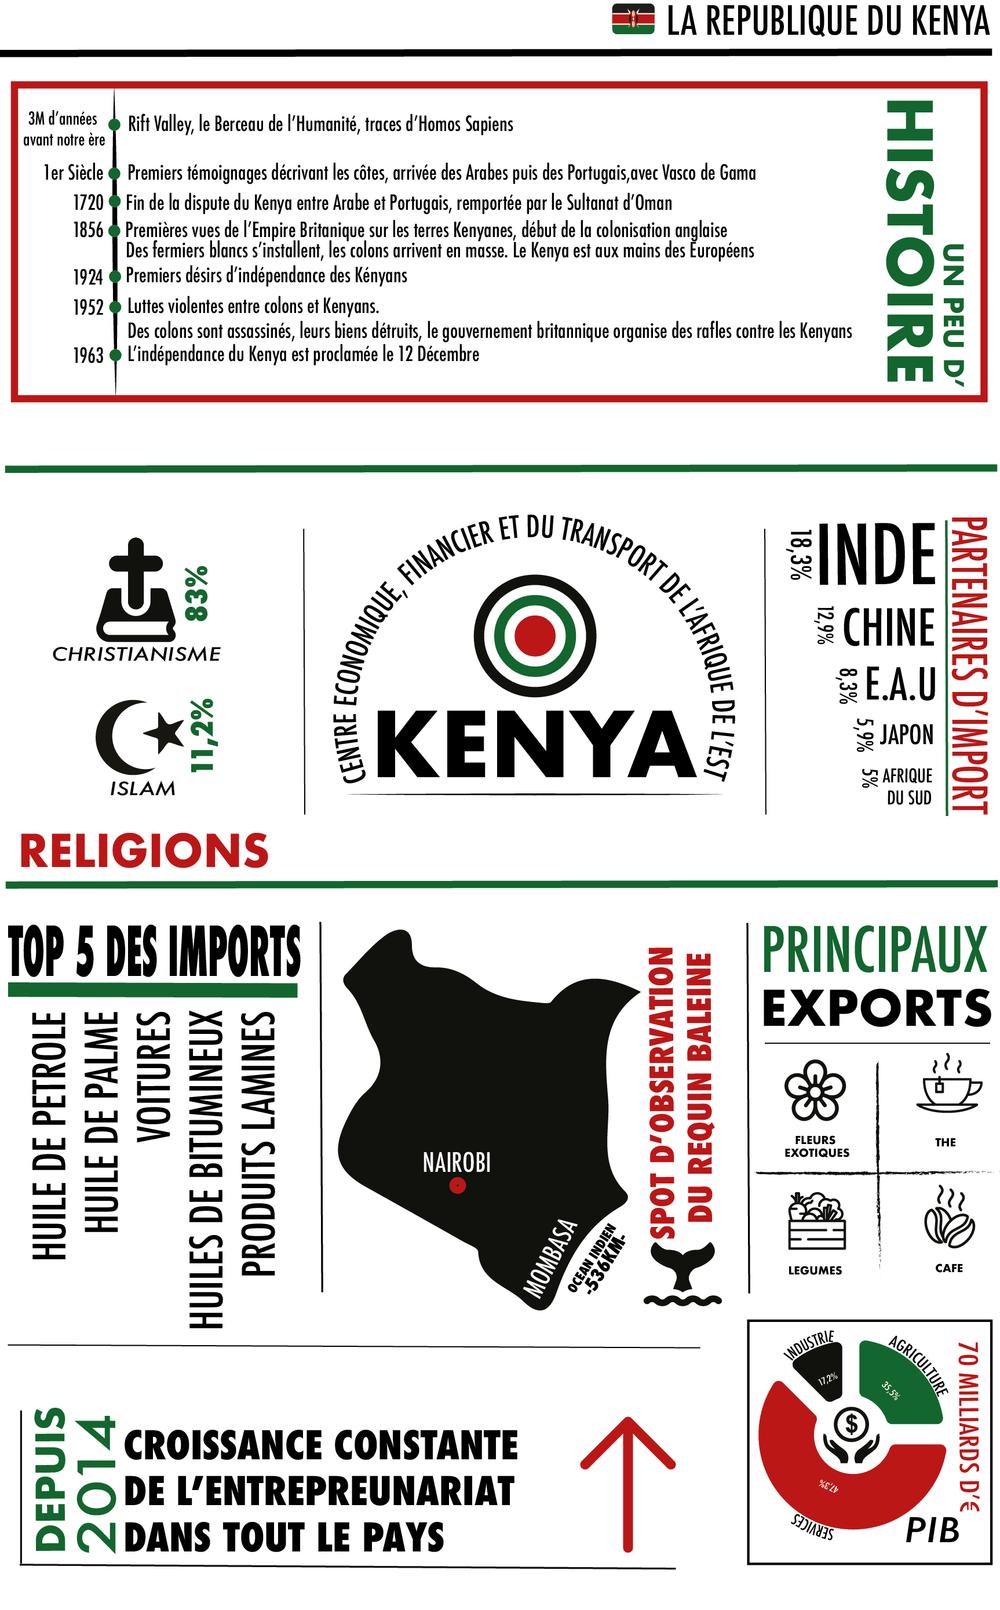 KENYA-P2.png